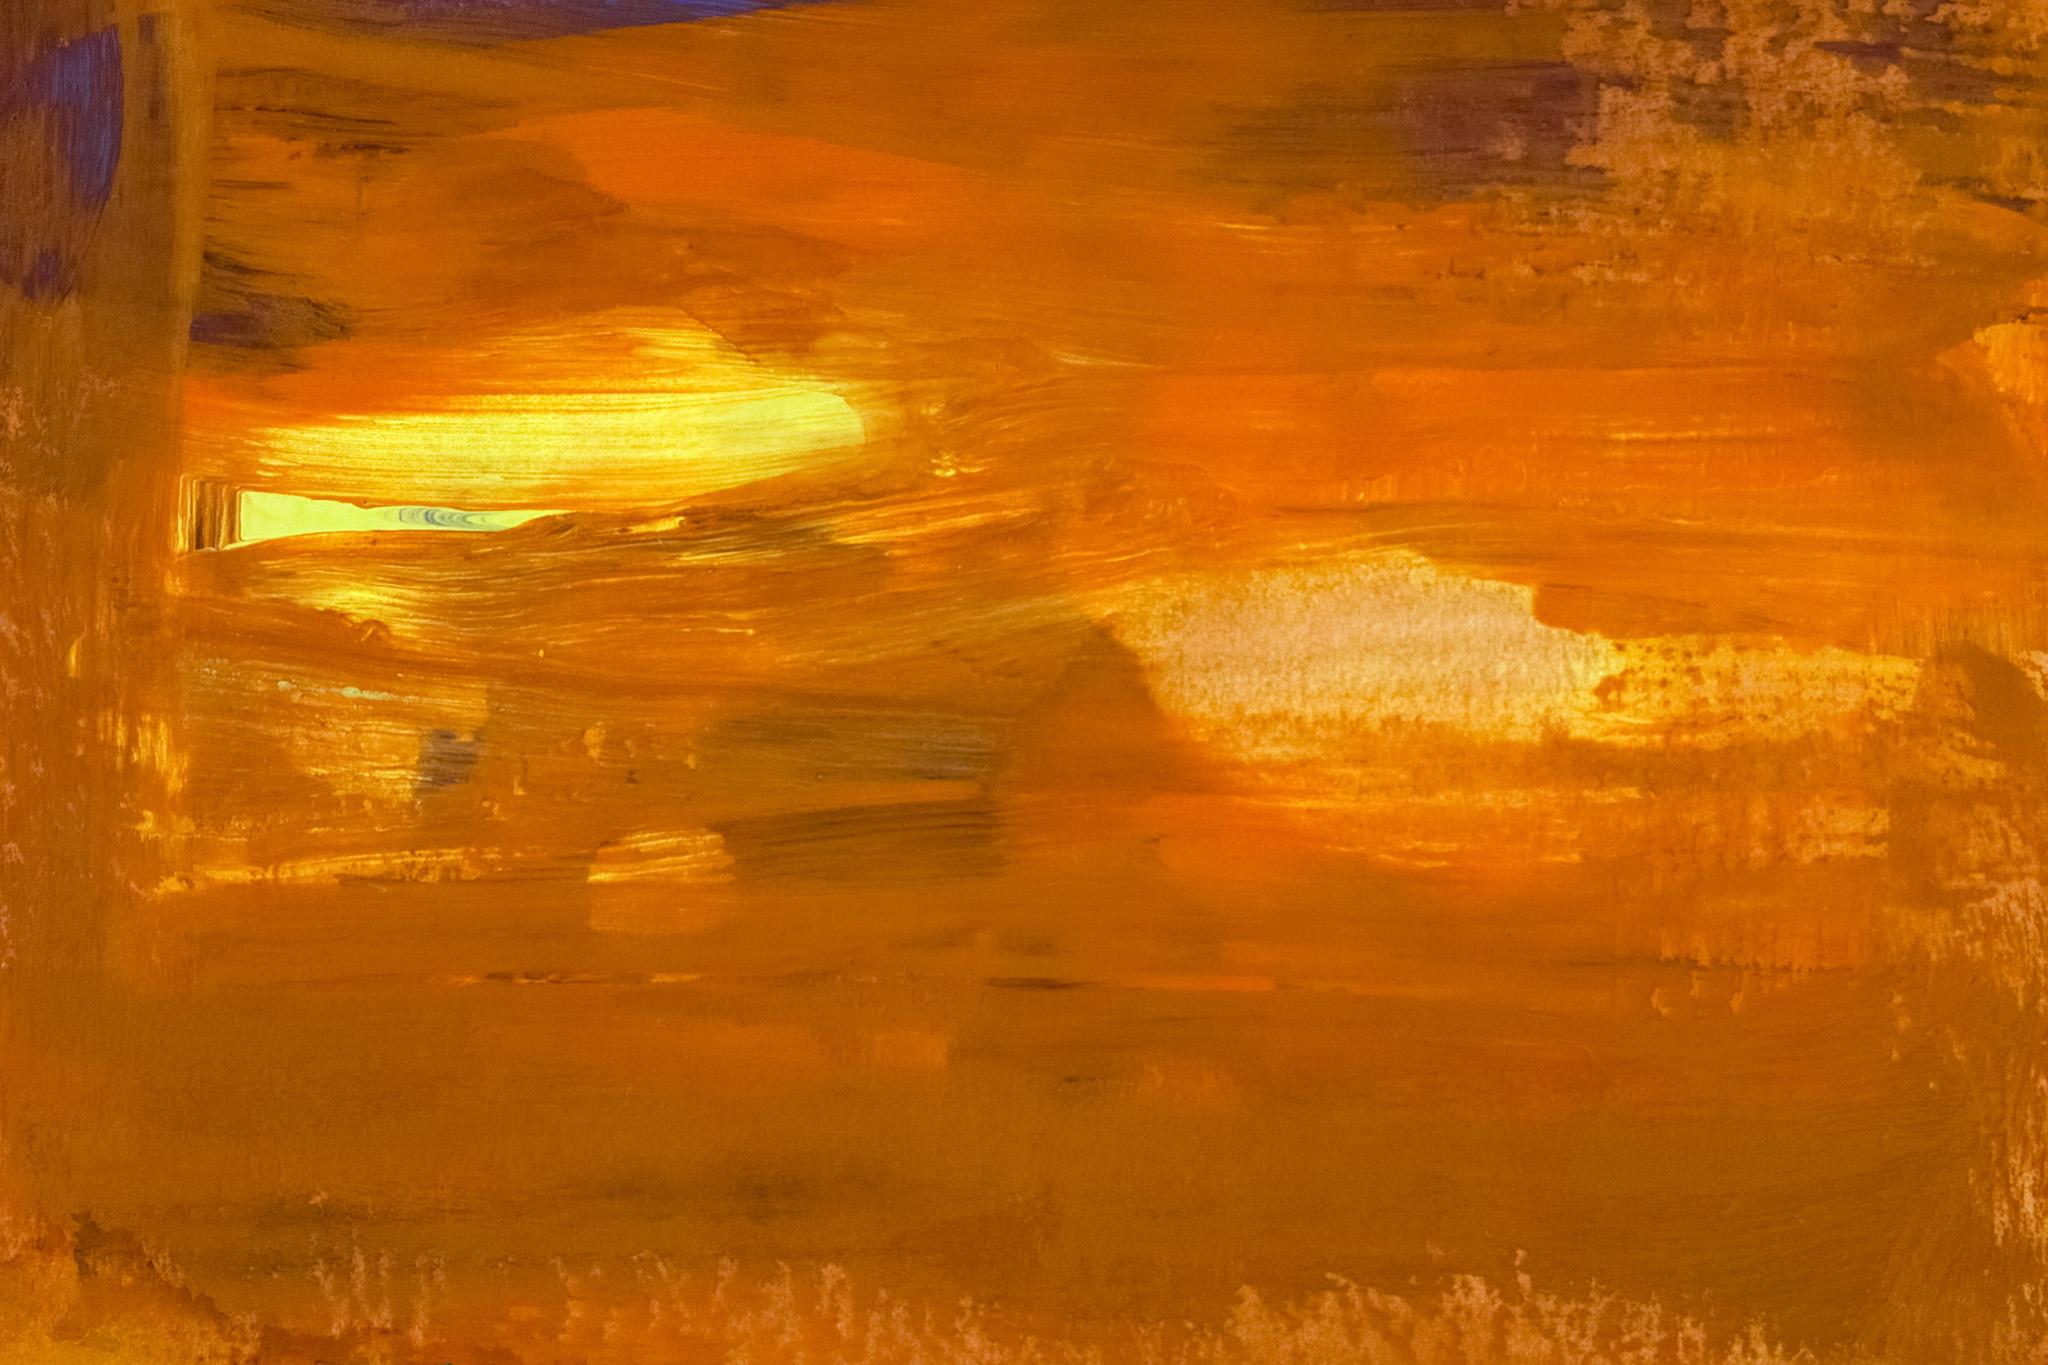 「茶色と黄色の厚く塗った絵の具」